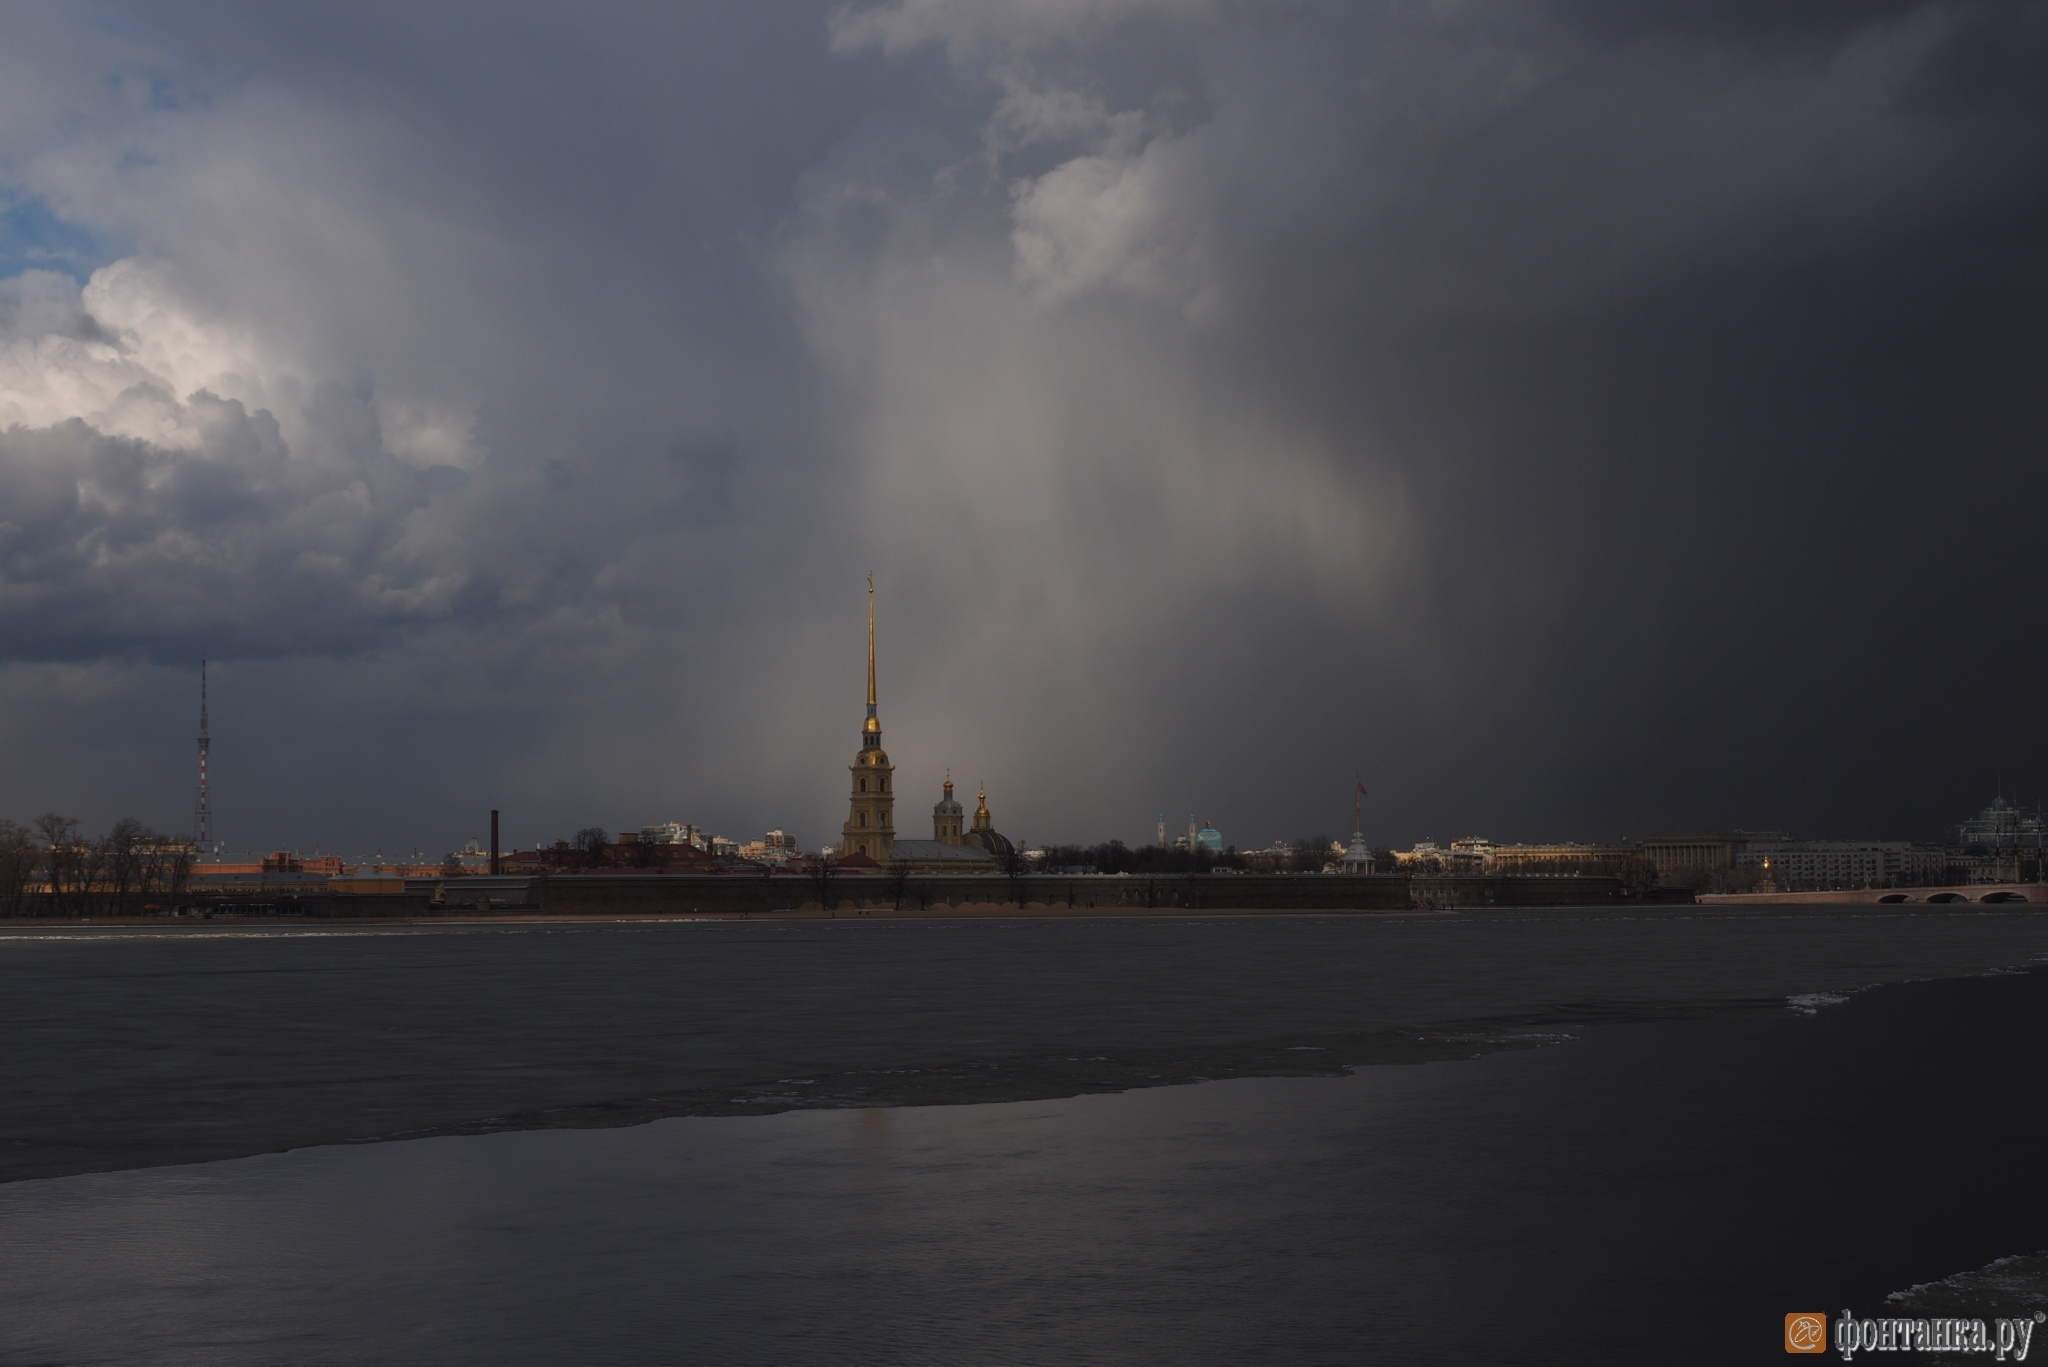 Погода разделила небо над Петербургом на темную и светлую сторону (Иллюстрация 2 из 3) (Фото: Михаил Огнев)